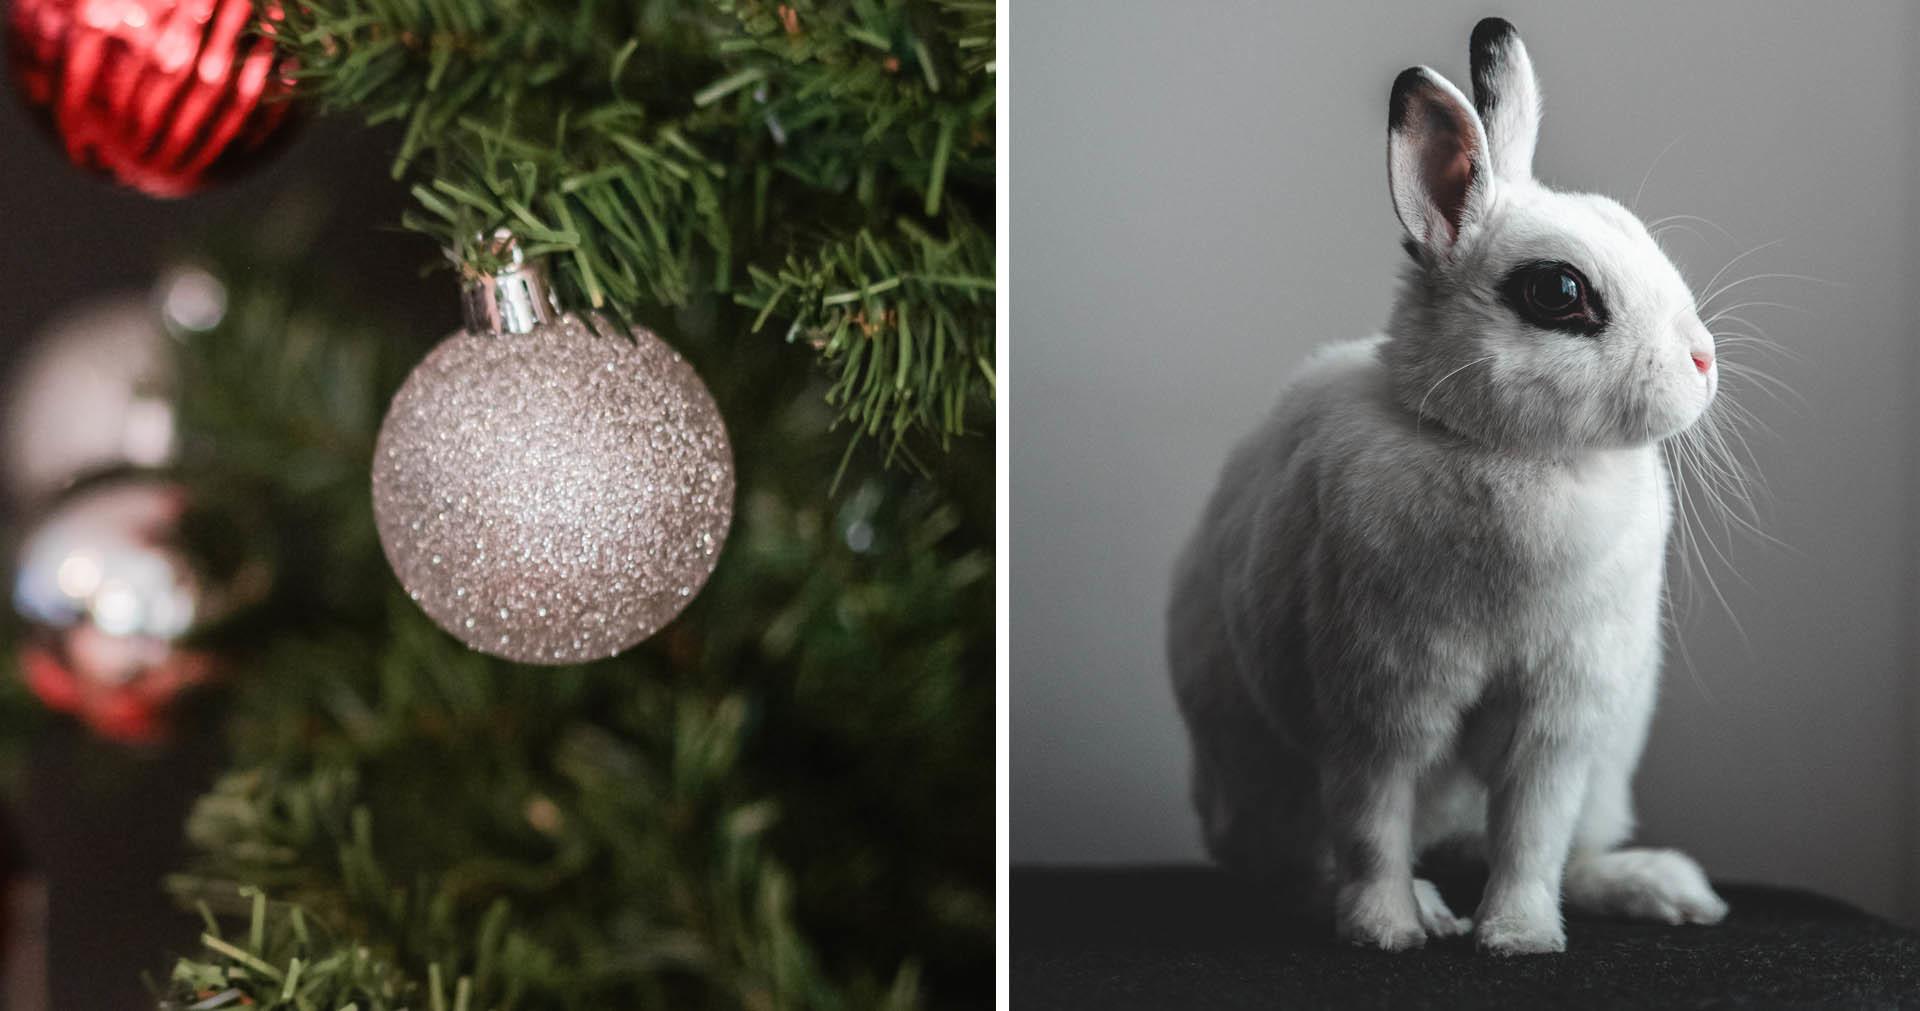 Bunny rabbit and Christmas tree